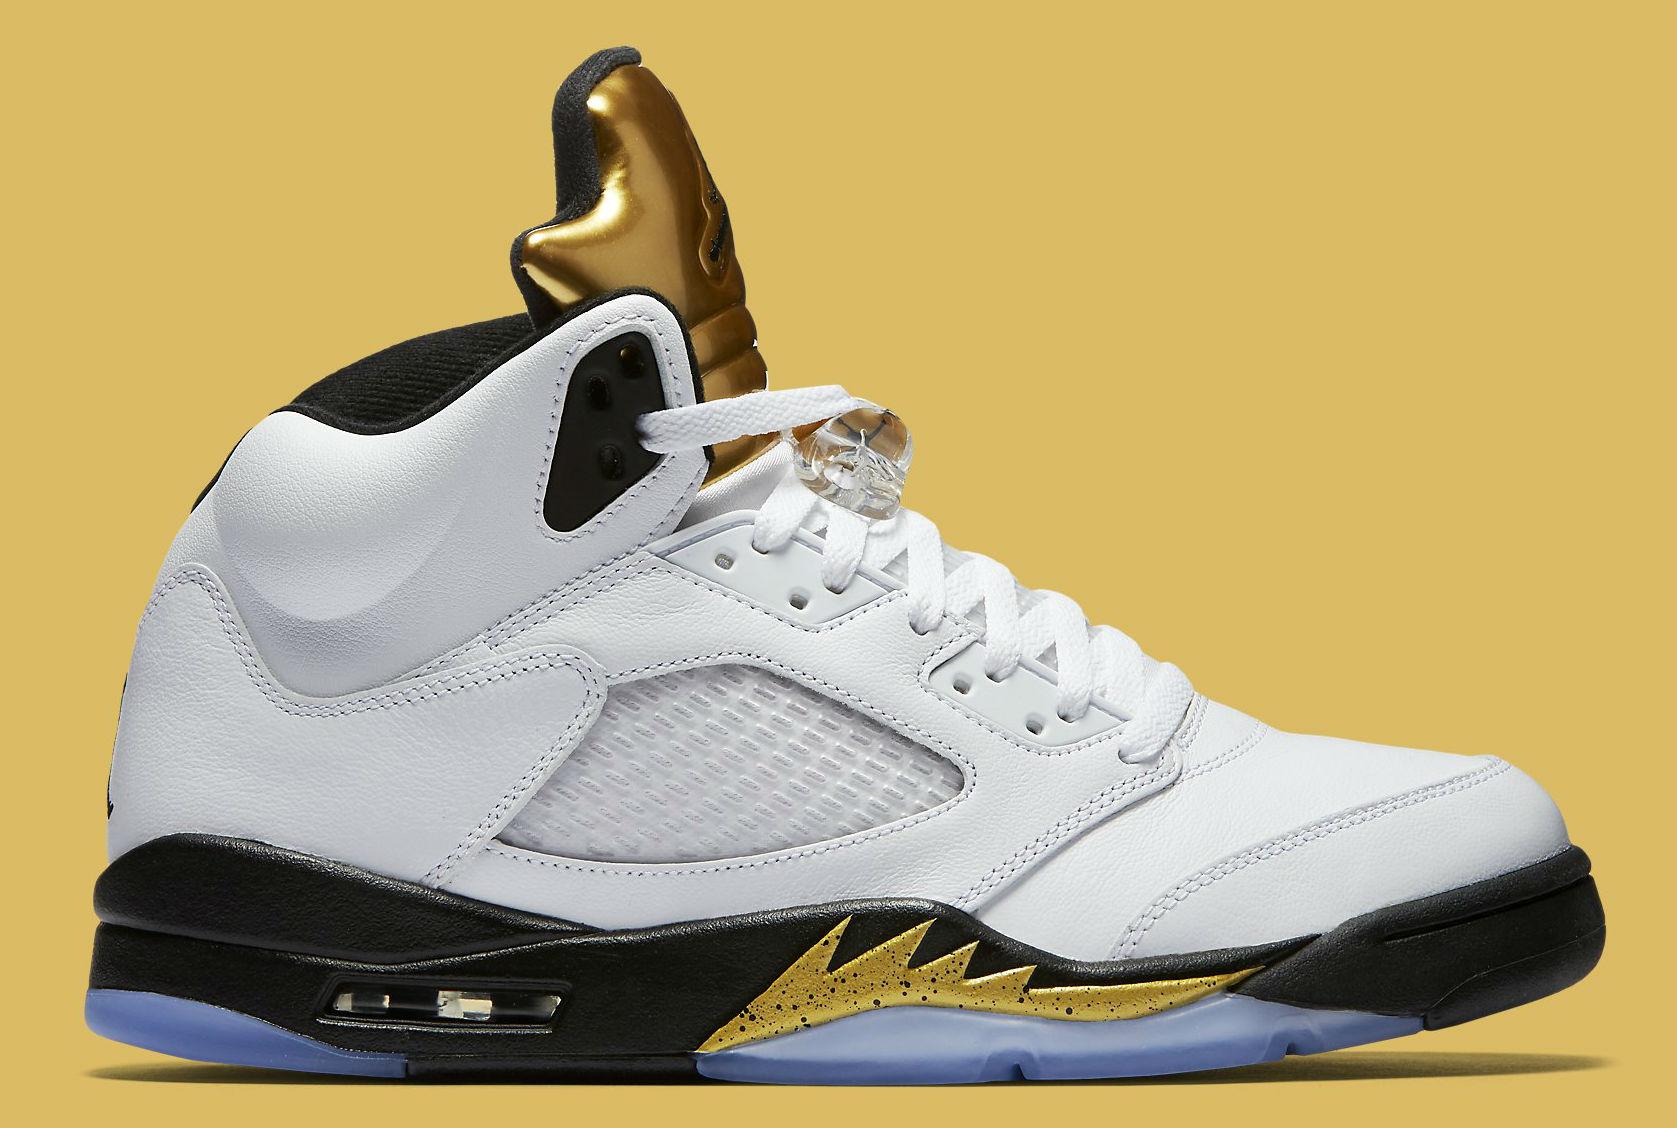 Gold Jordan 5 Release Date Side 136027-133